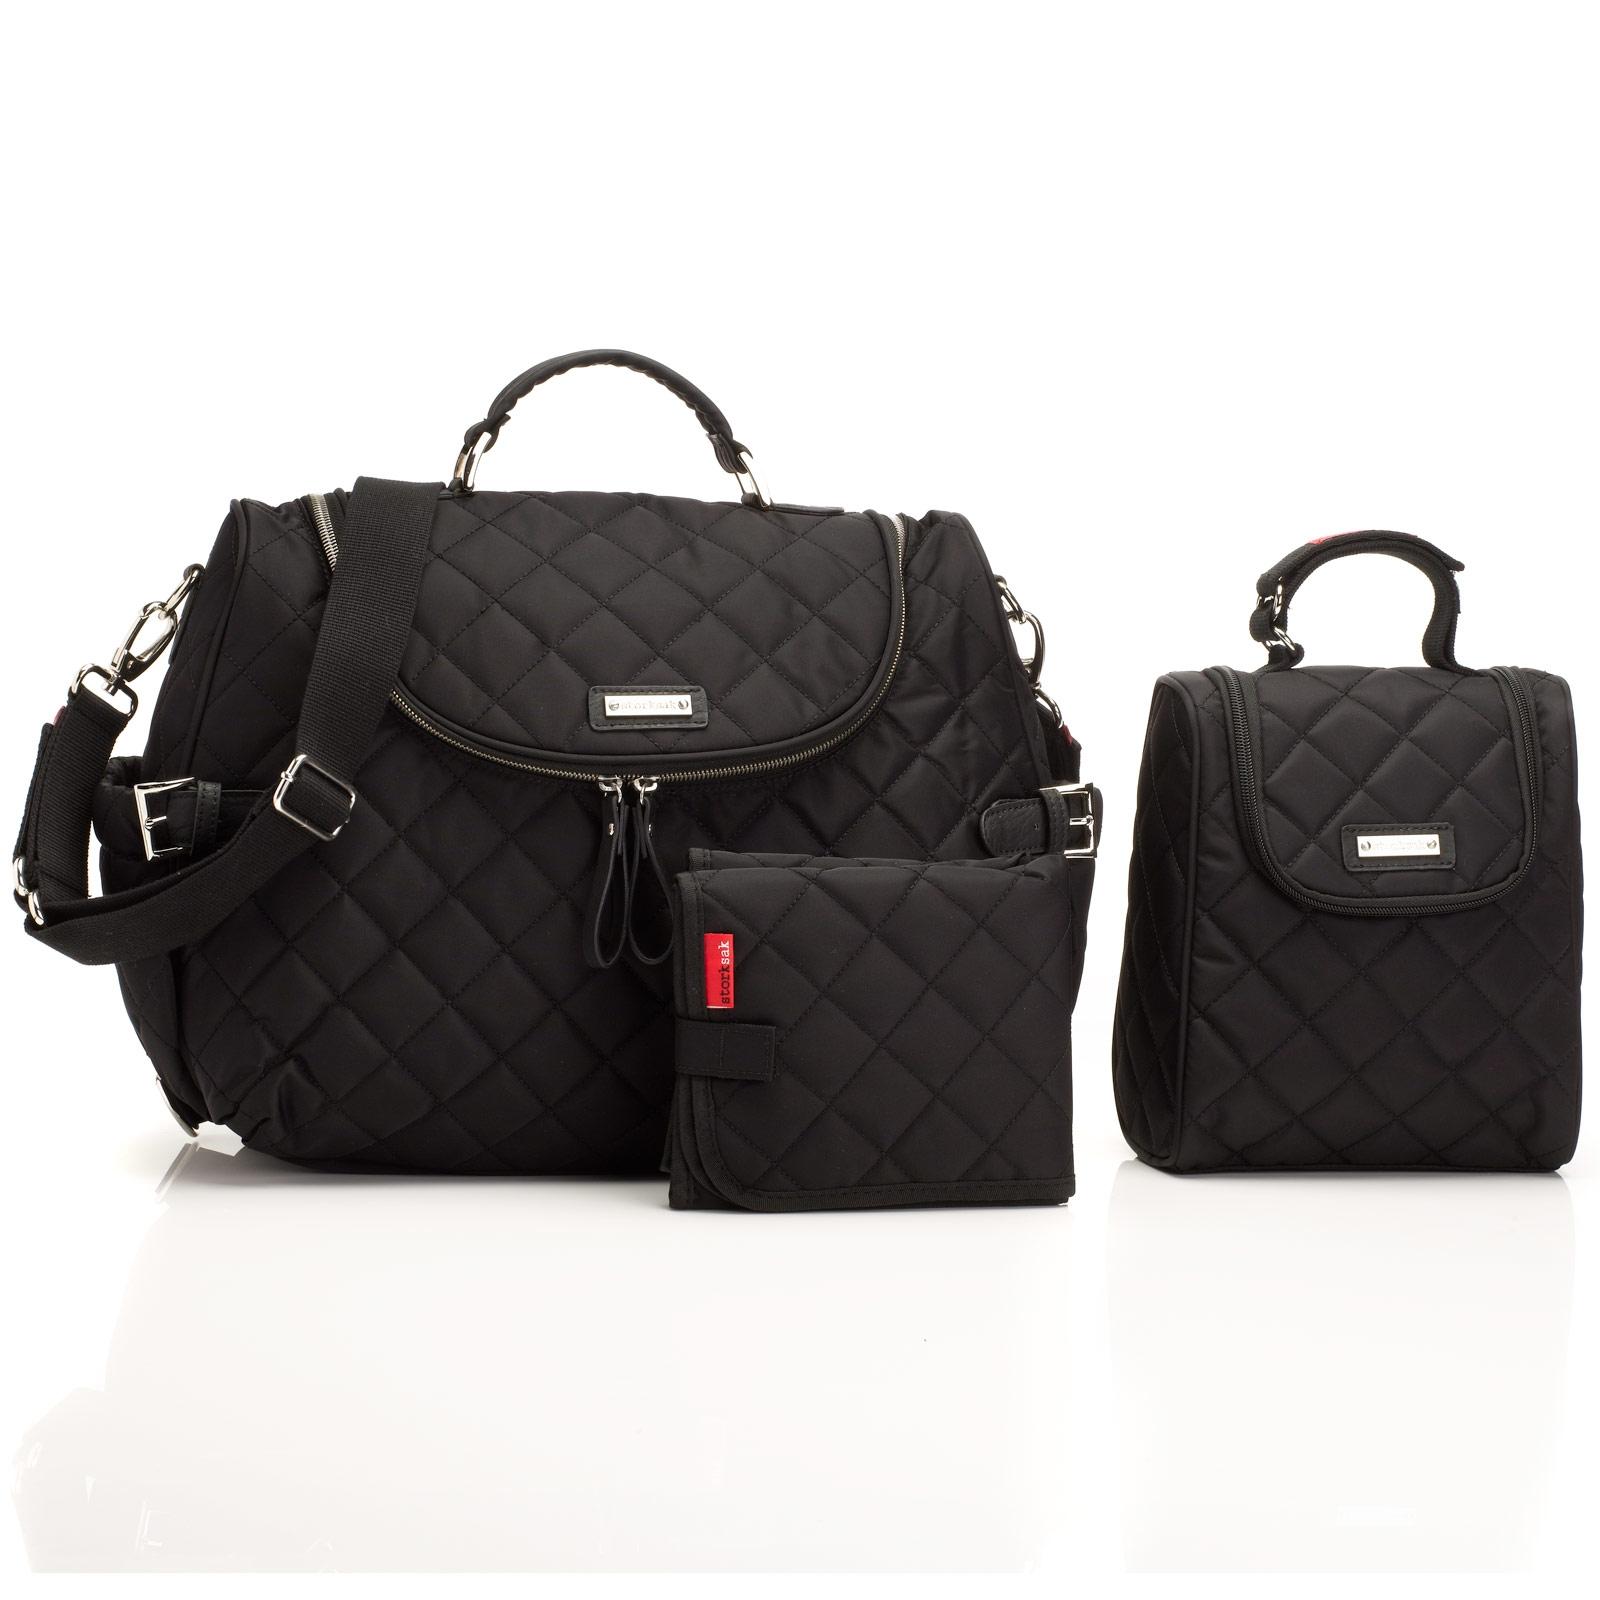 Sac à langer design Storksak Ashley black noir - Collection 2018 aWJrEUZj